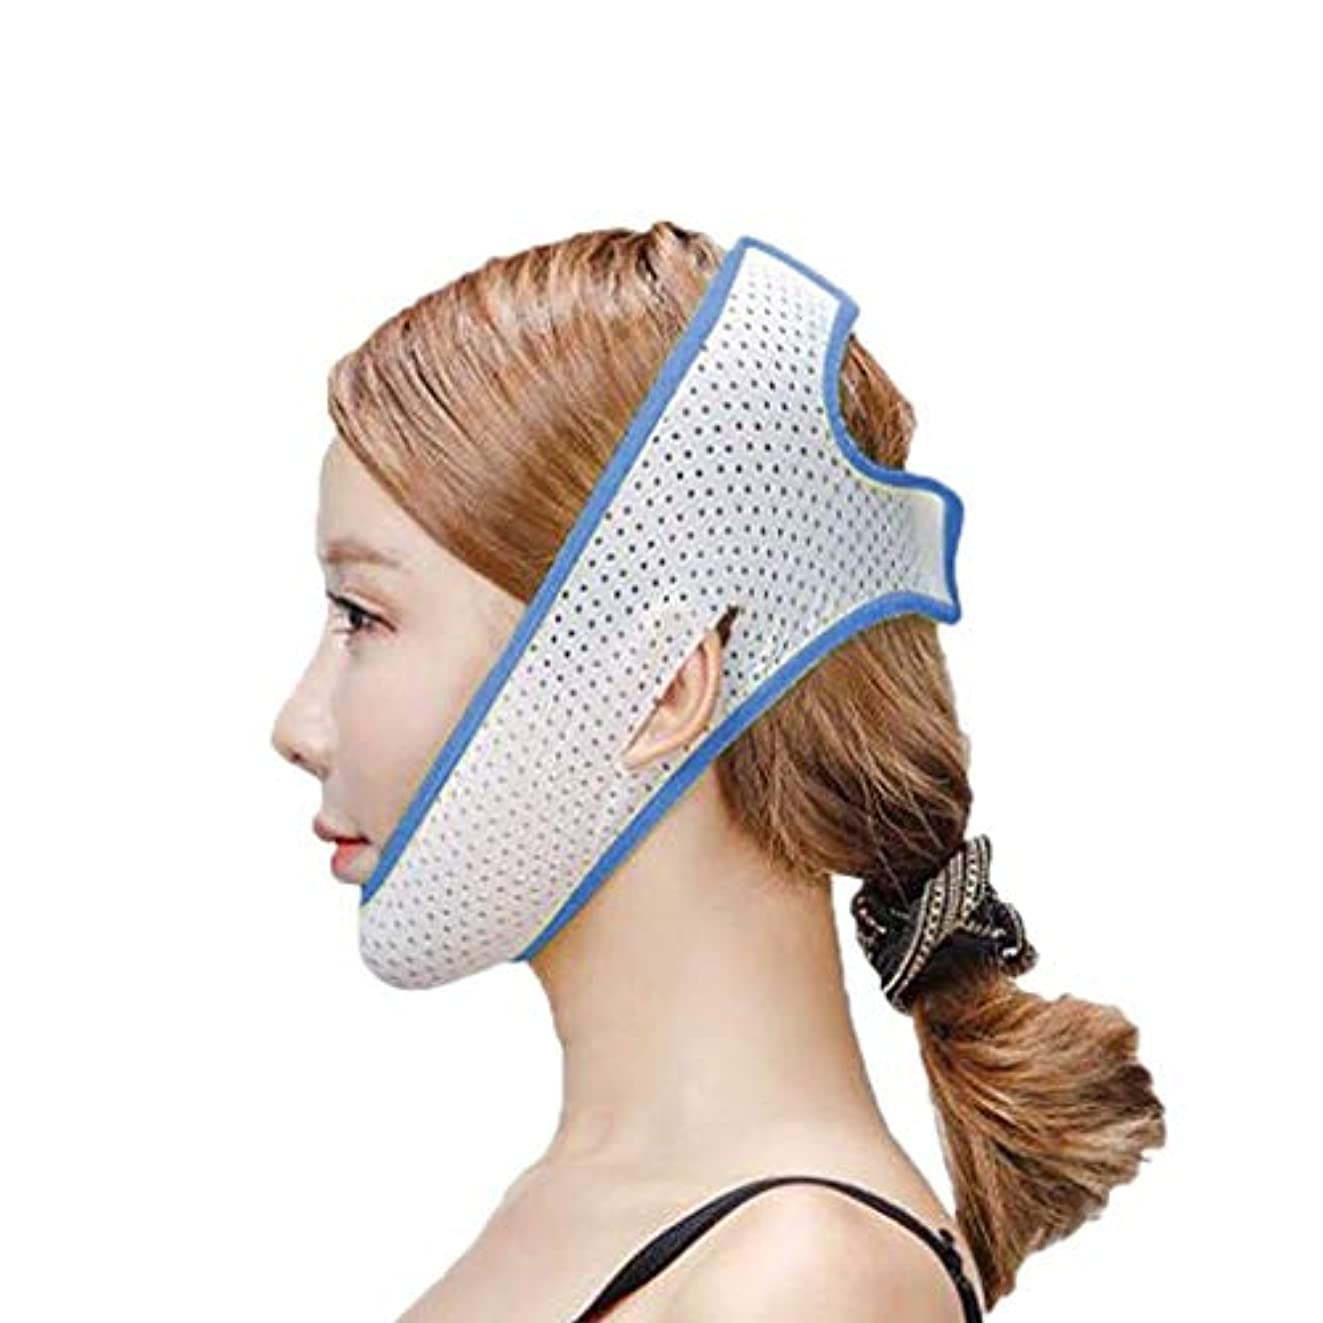 排泄する寛大さ包帯フェイスリフトマスク、ダブルチンストラップ、フェイシャル減量マスク、フェイシャルダブルチンケアスリミングマスク、リンクルマスク(フリーサイズ)(カラー:ブラック),青